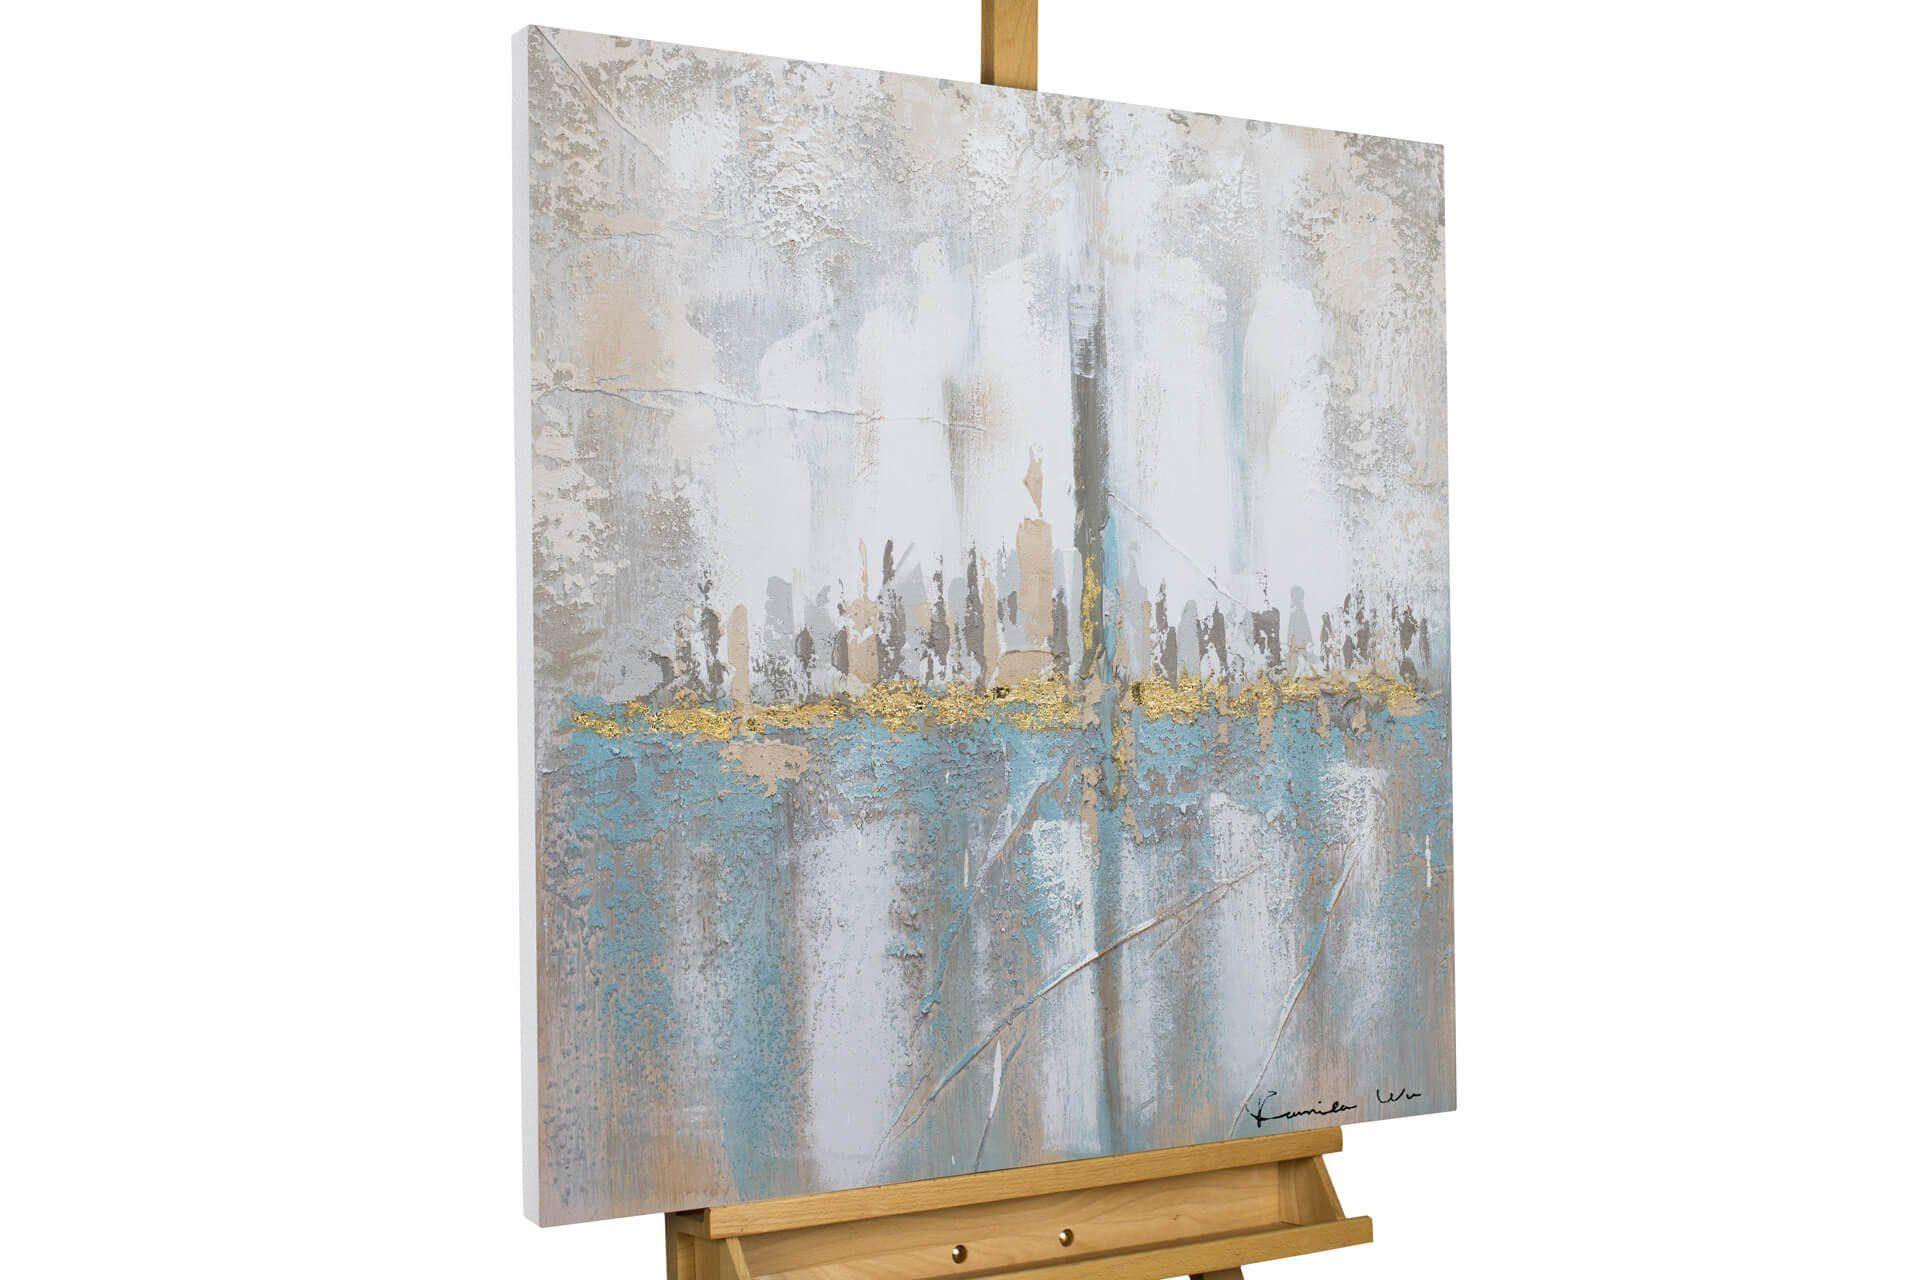 Acryl Gemälde /'BELLE OF THE VILLAGE/'HANDGEMALTLeinwand Bilder 80x80cm